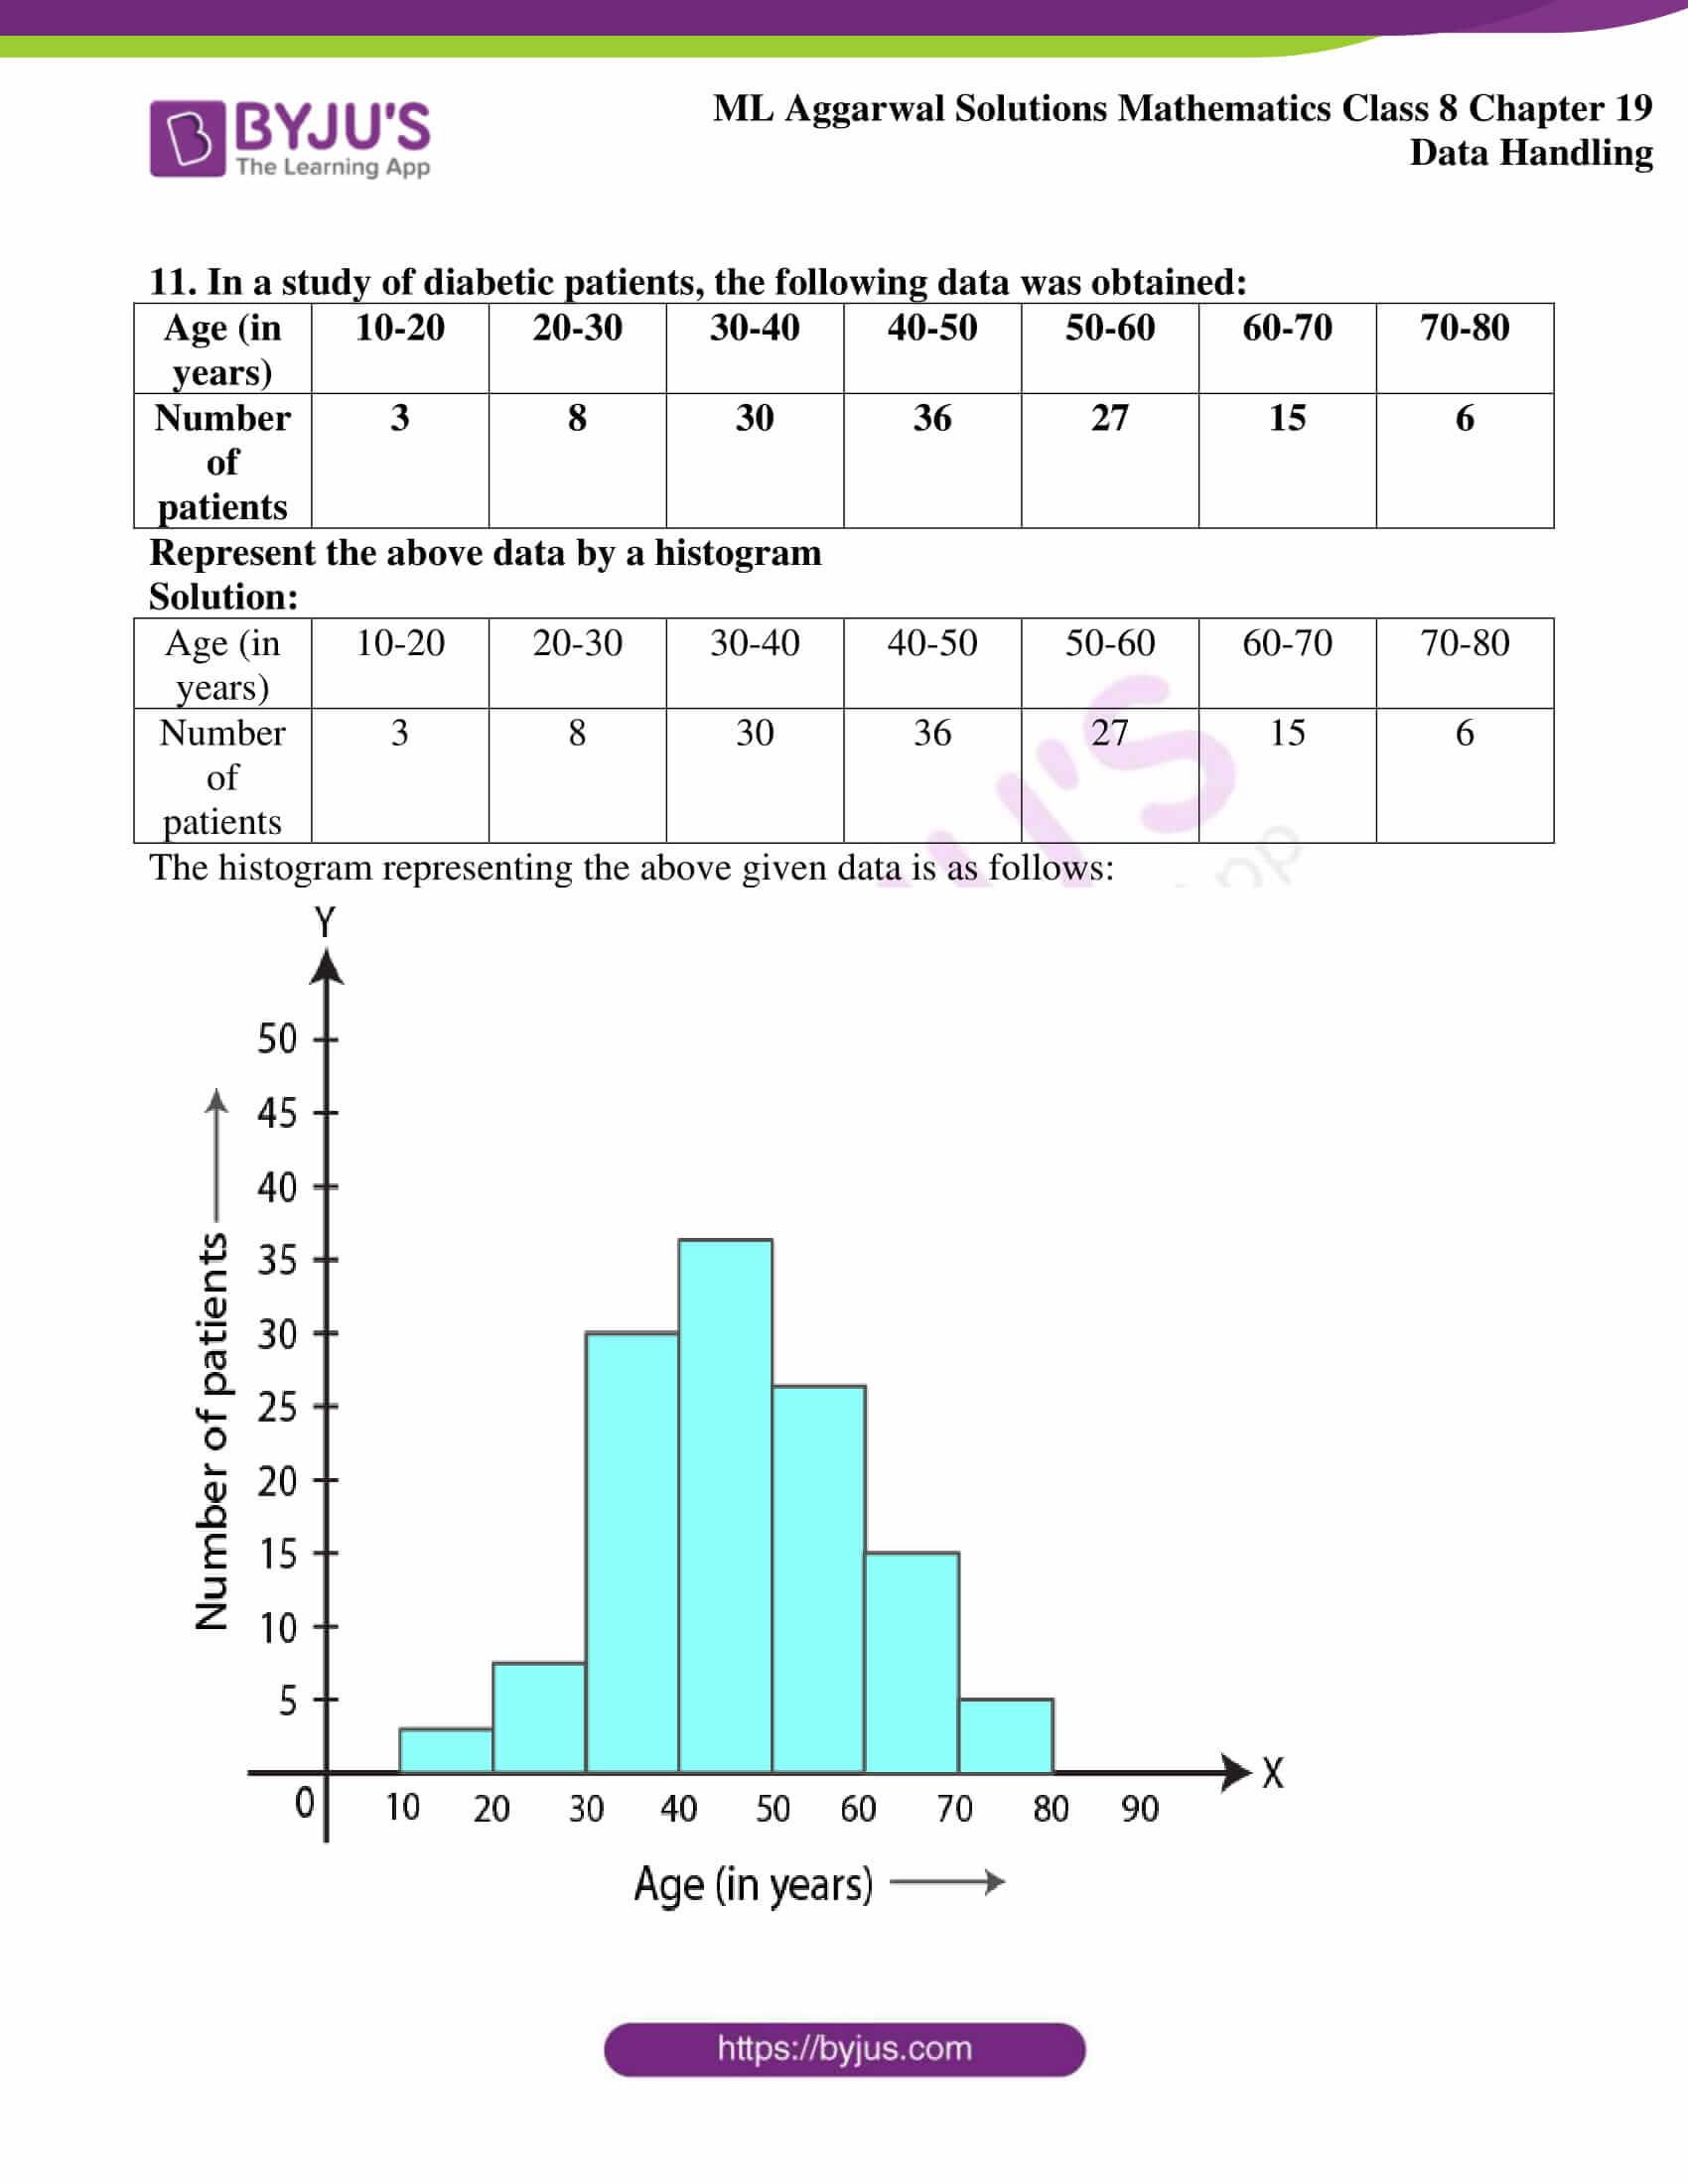 ml aggarwal sol mathematics class 8 ch 19 08